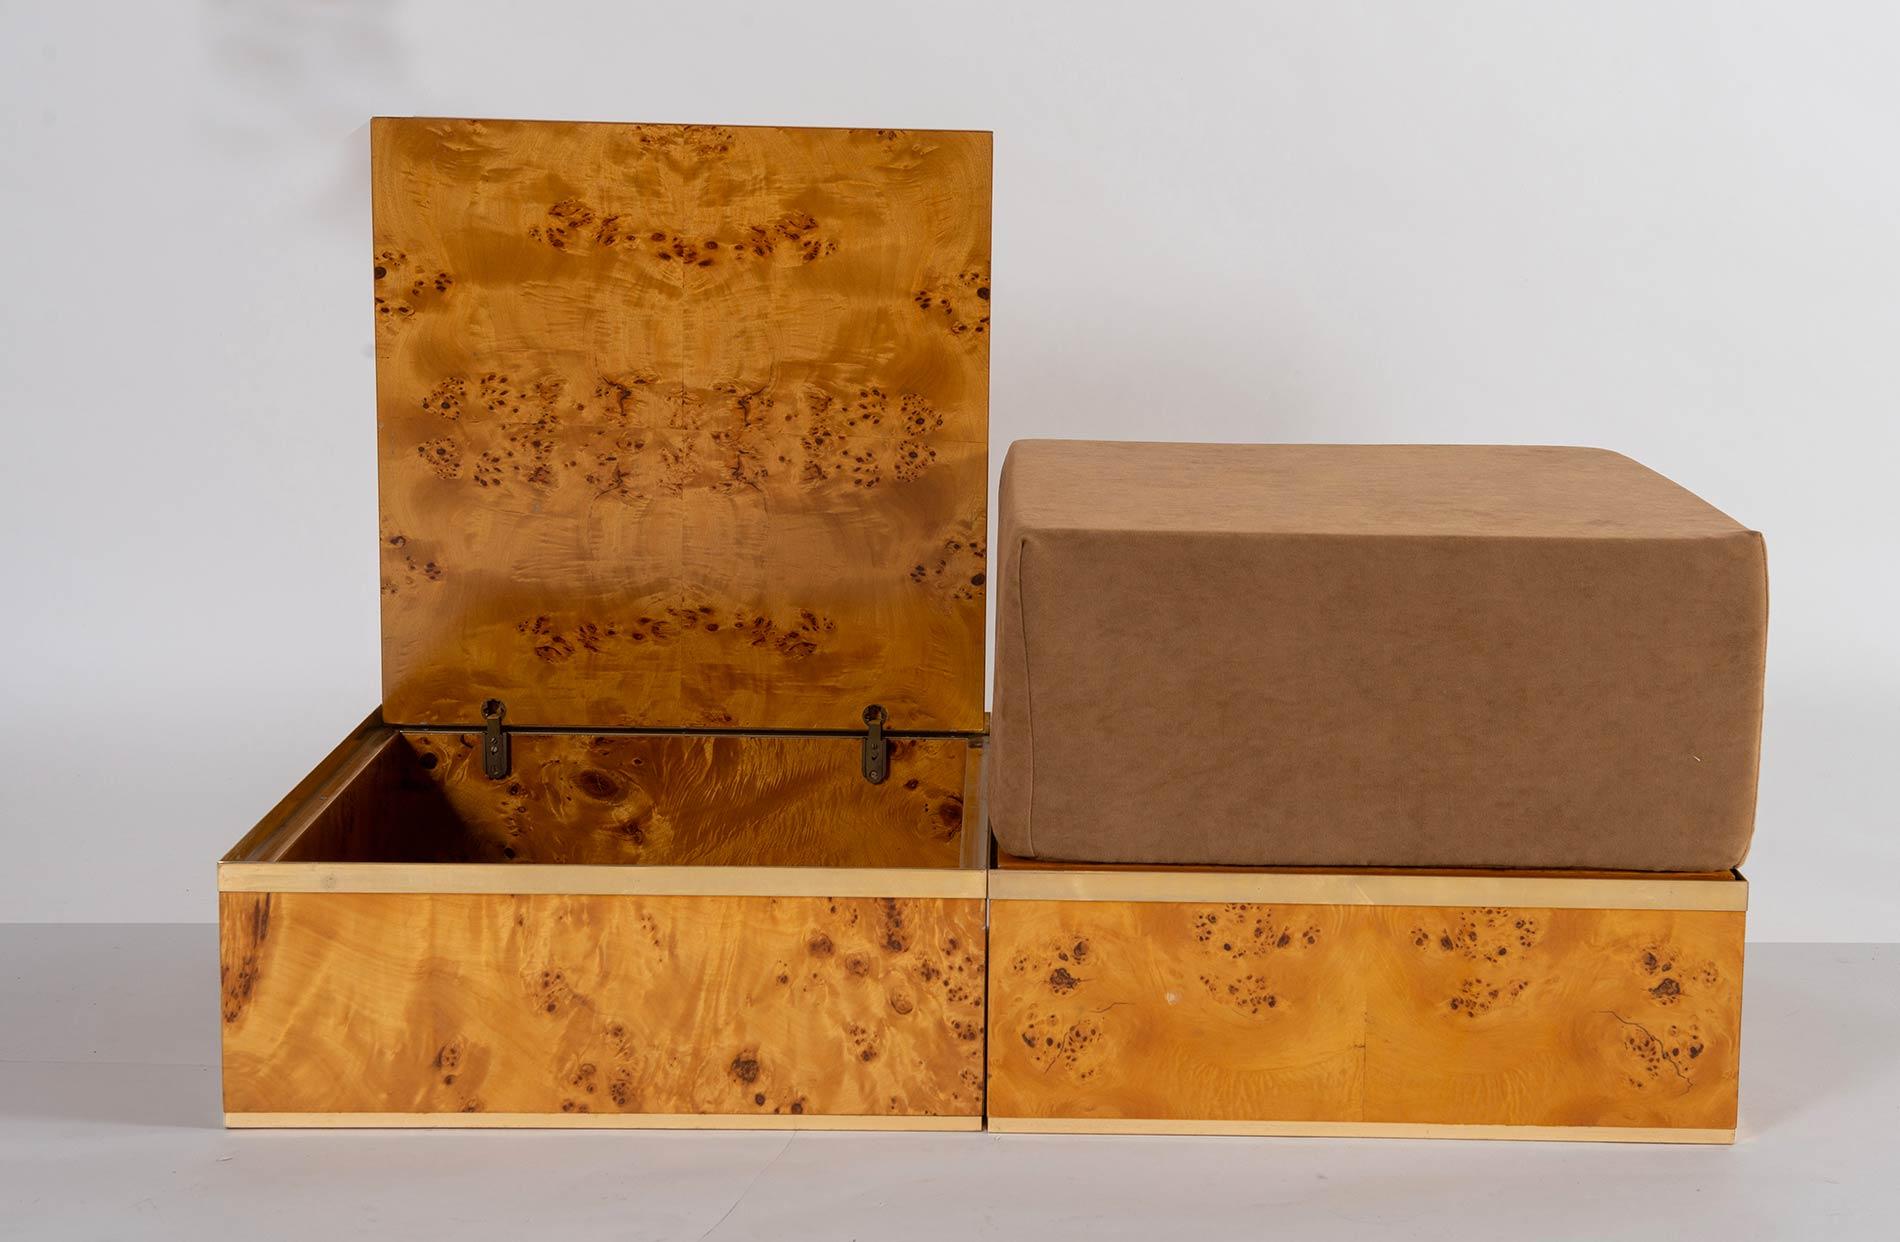 Fratelli Turri – Carugo, Due contenitori con pouf Flore A, Collezione Privilège, 1975. - Image 2 of 6